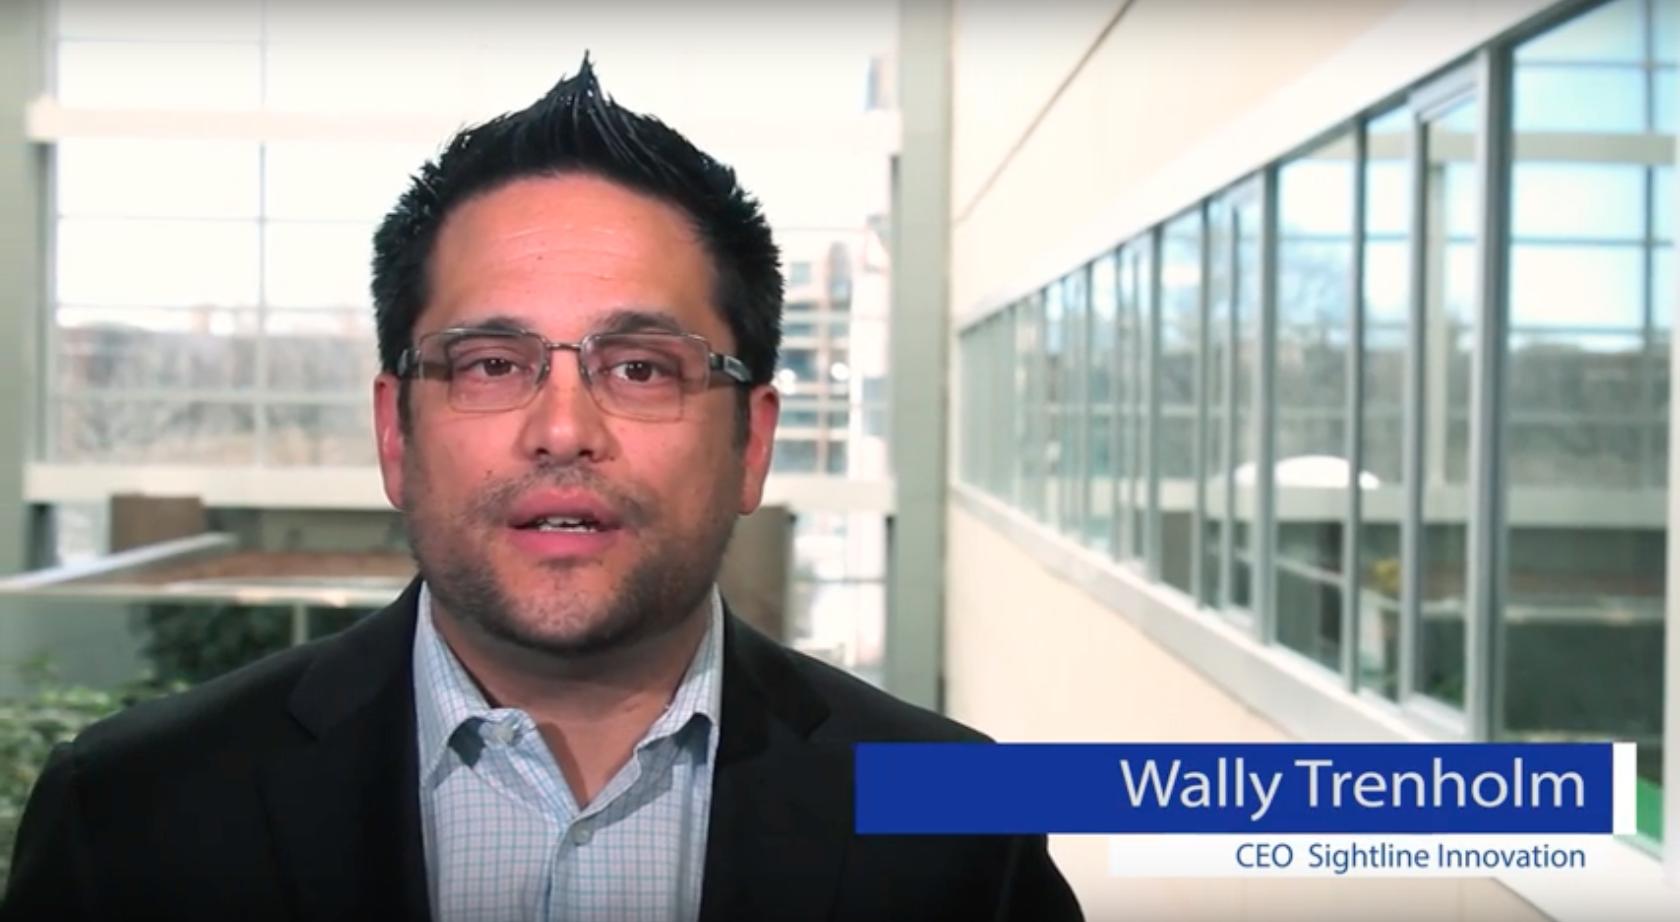 Wally Trenholm CEO Sightline Innovation Winnipeg Manitoba